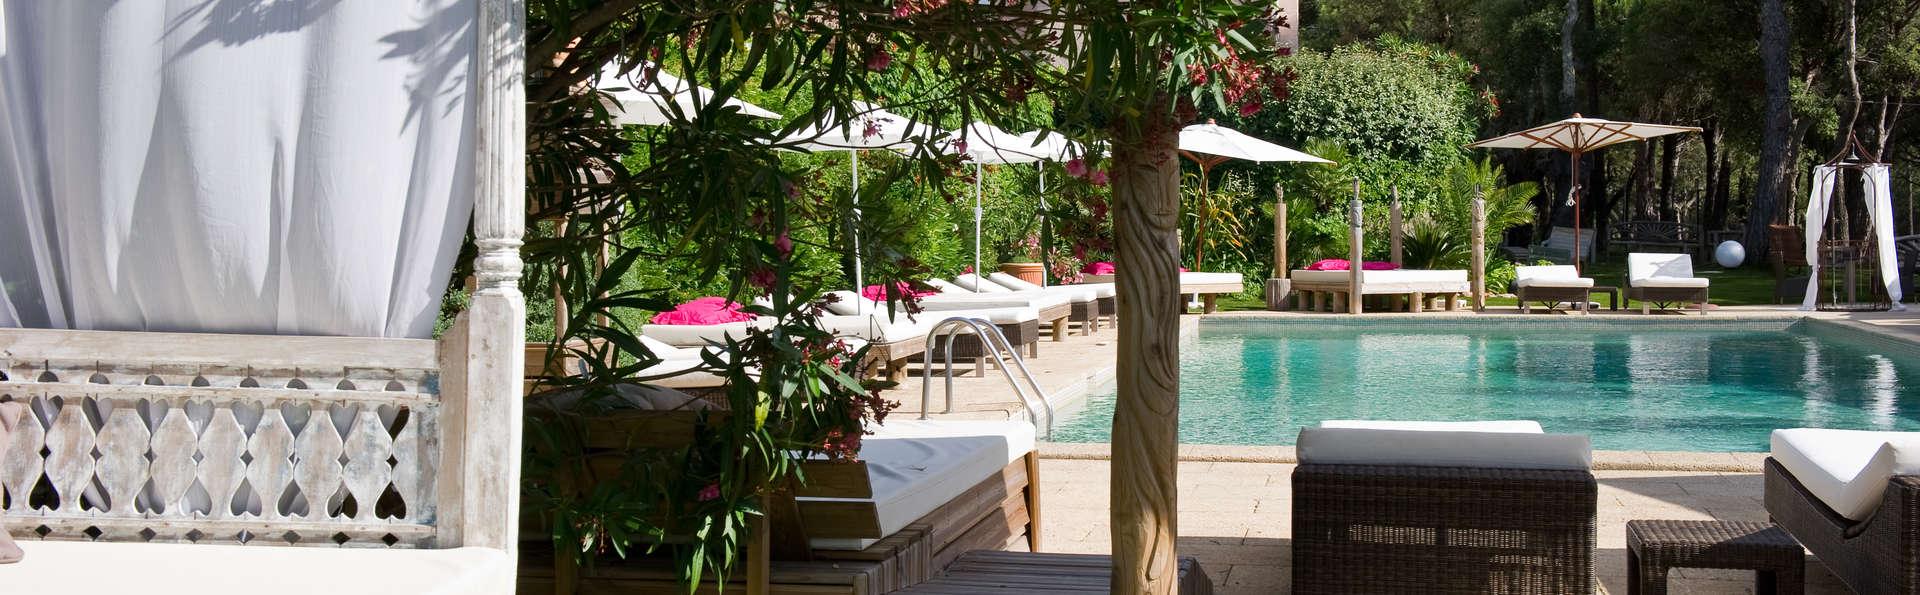 Week-end romantique dans un hôtel de charme à deux pas de Saint-Tropez